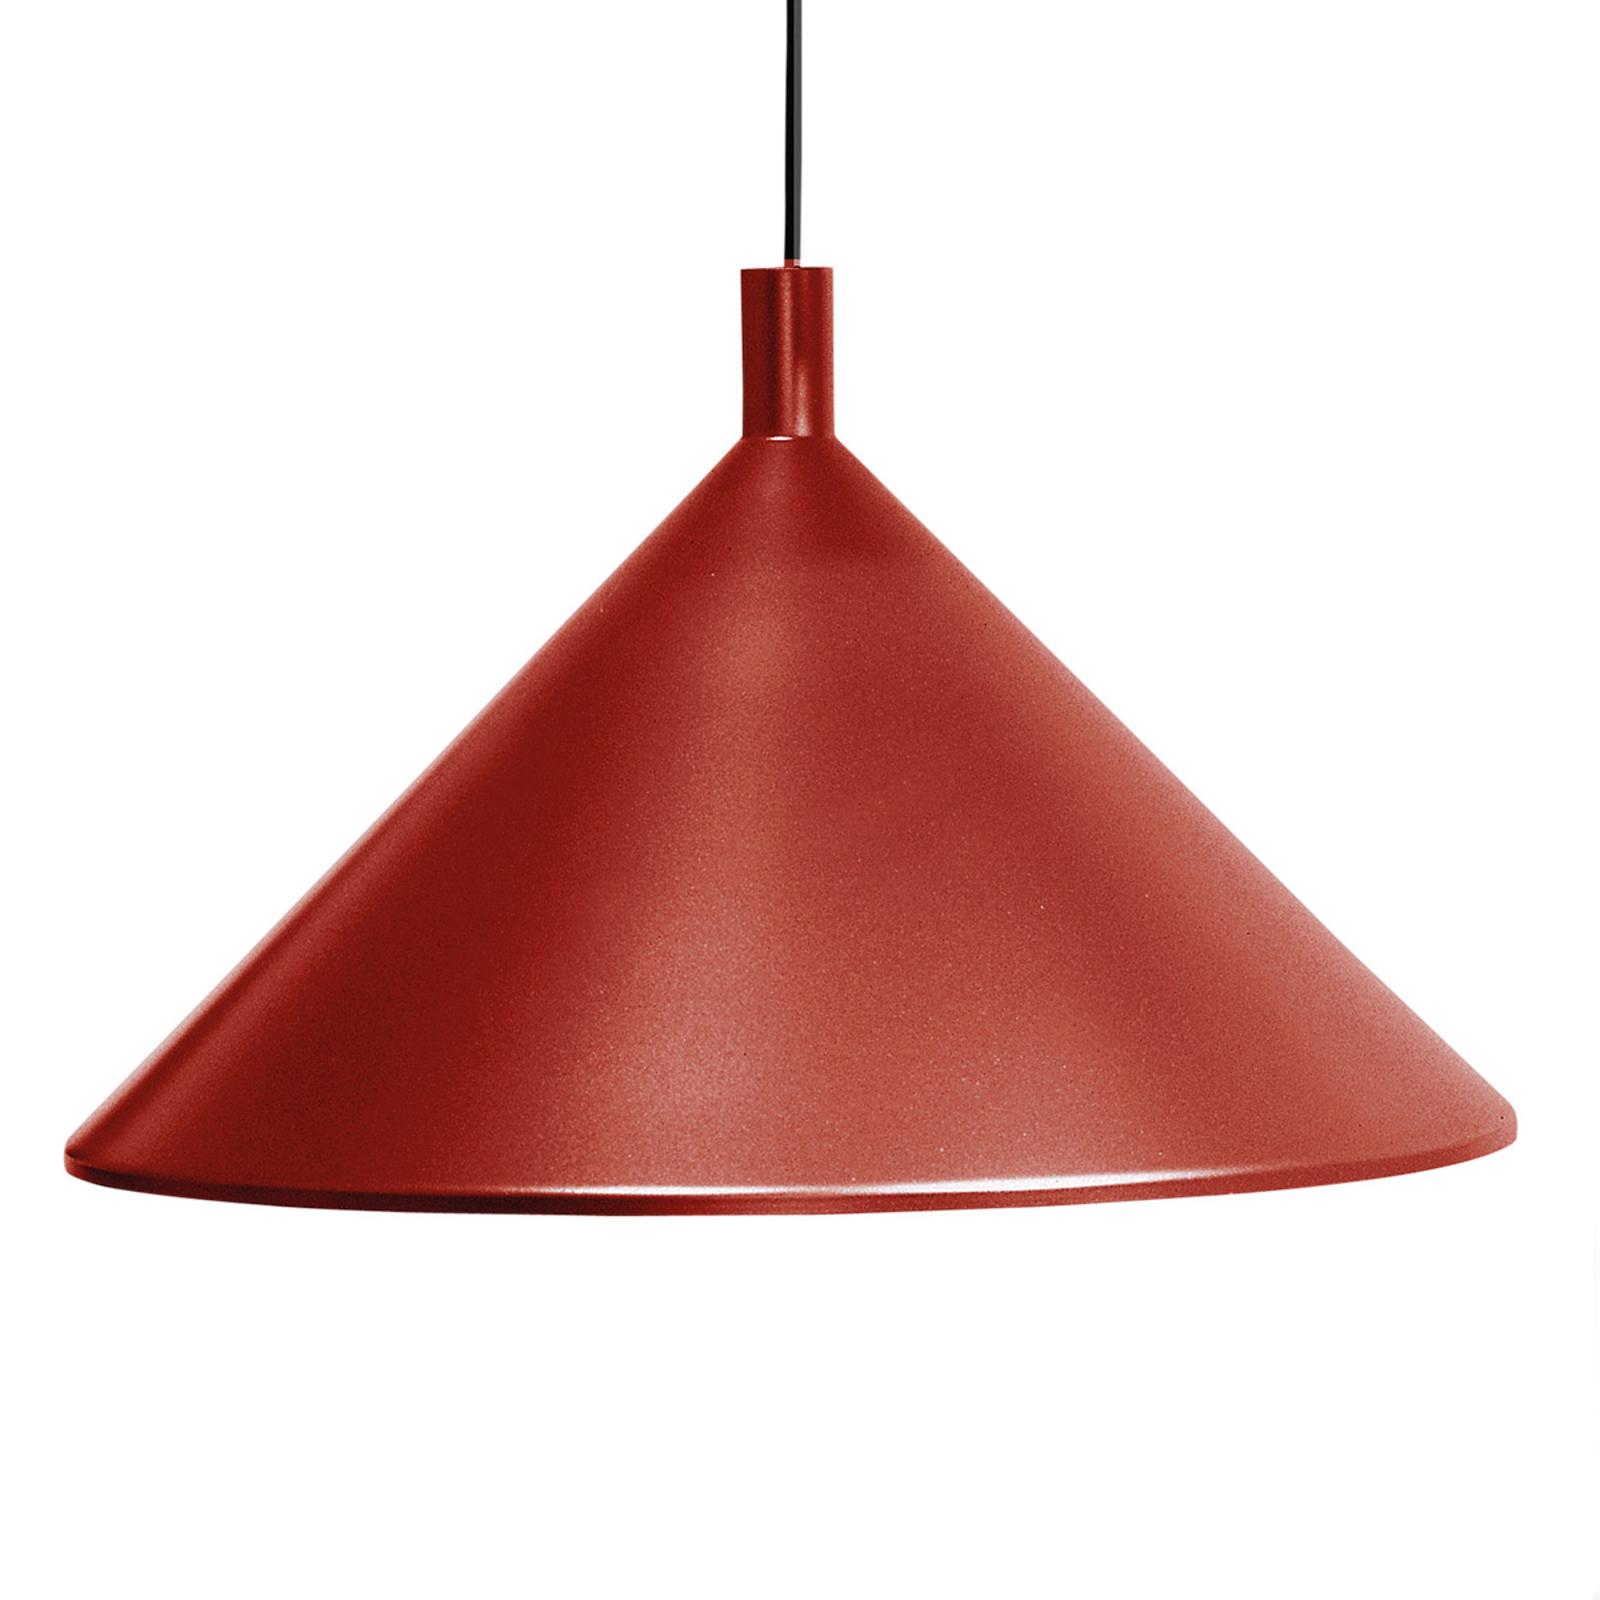 Martinelli Luce Cono lampa wisząca czerwona, Ø45cm